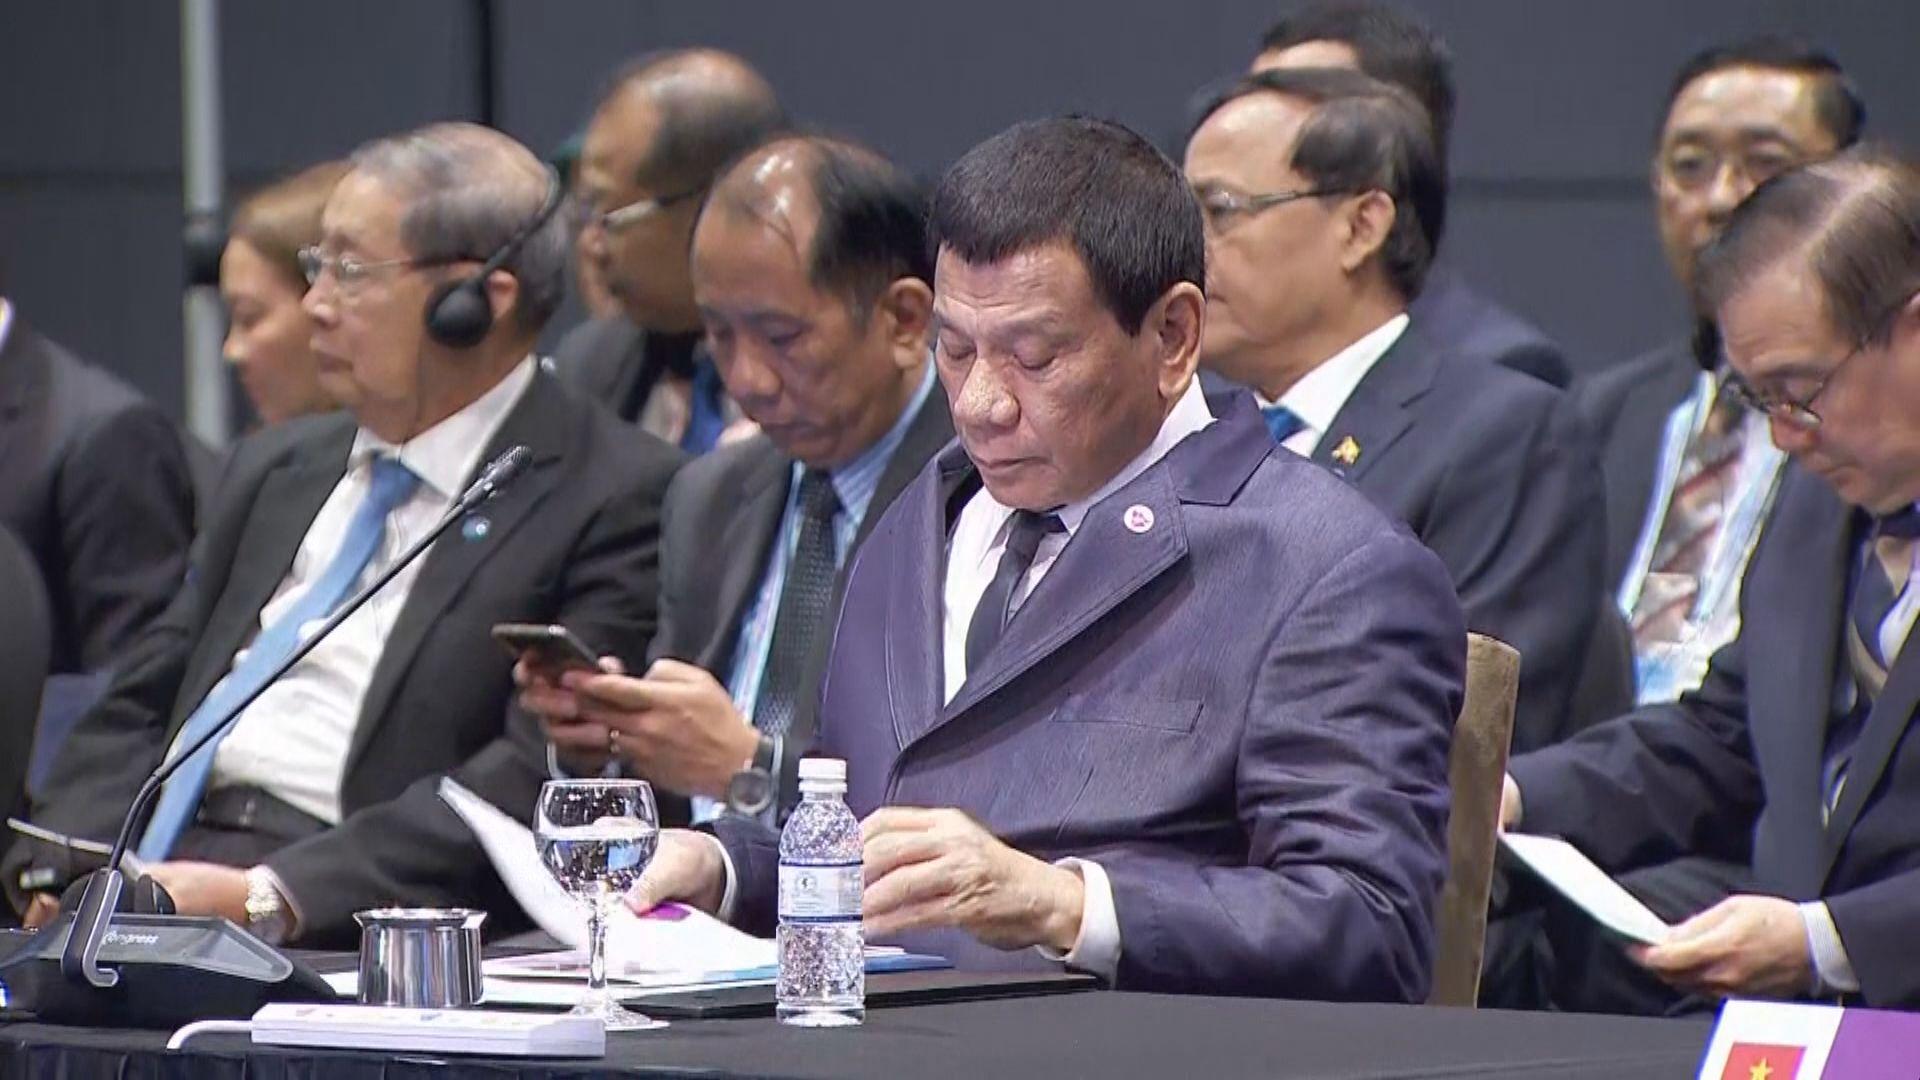 杜特爾特:東盟有必要落實南海行為準則